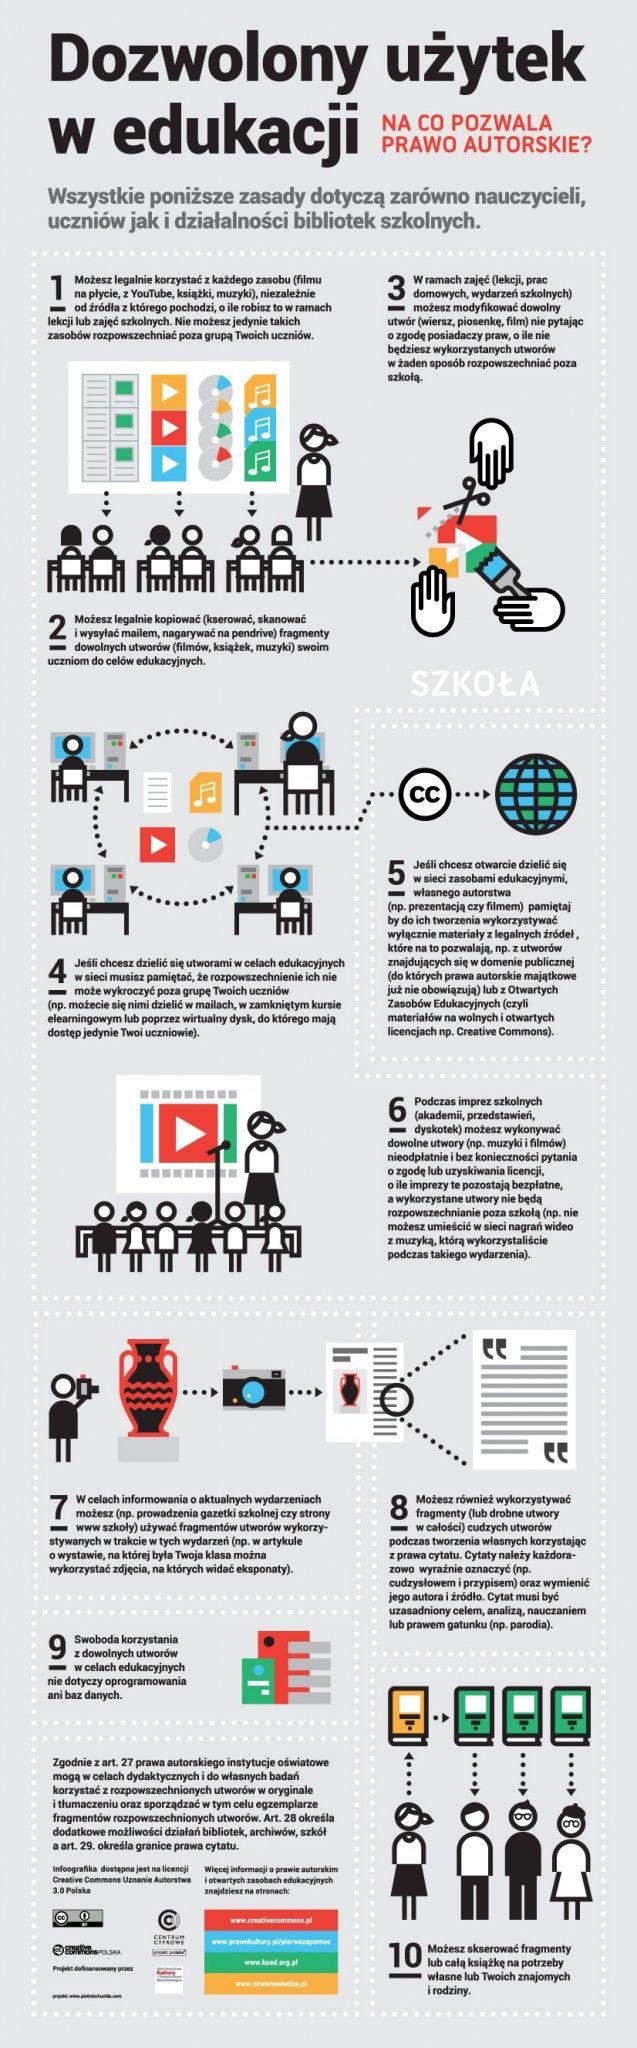 Na co pozwala prawo autorskie w szkole w 10 punktach na infografice Centrum Cyfrowego. Na licencji CC BY i dostępna również do remiksu w formacie wektorowym.